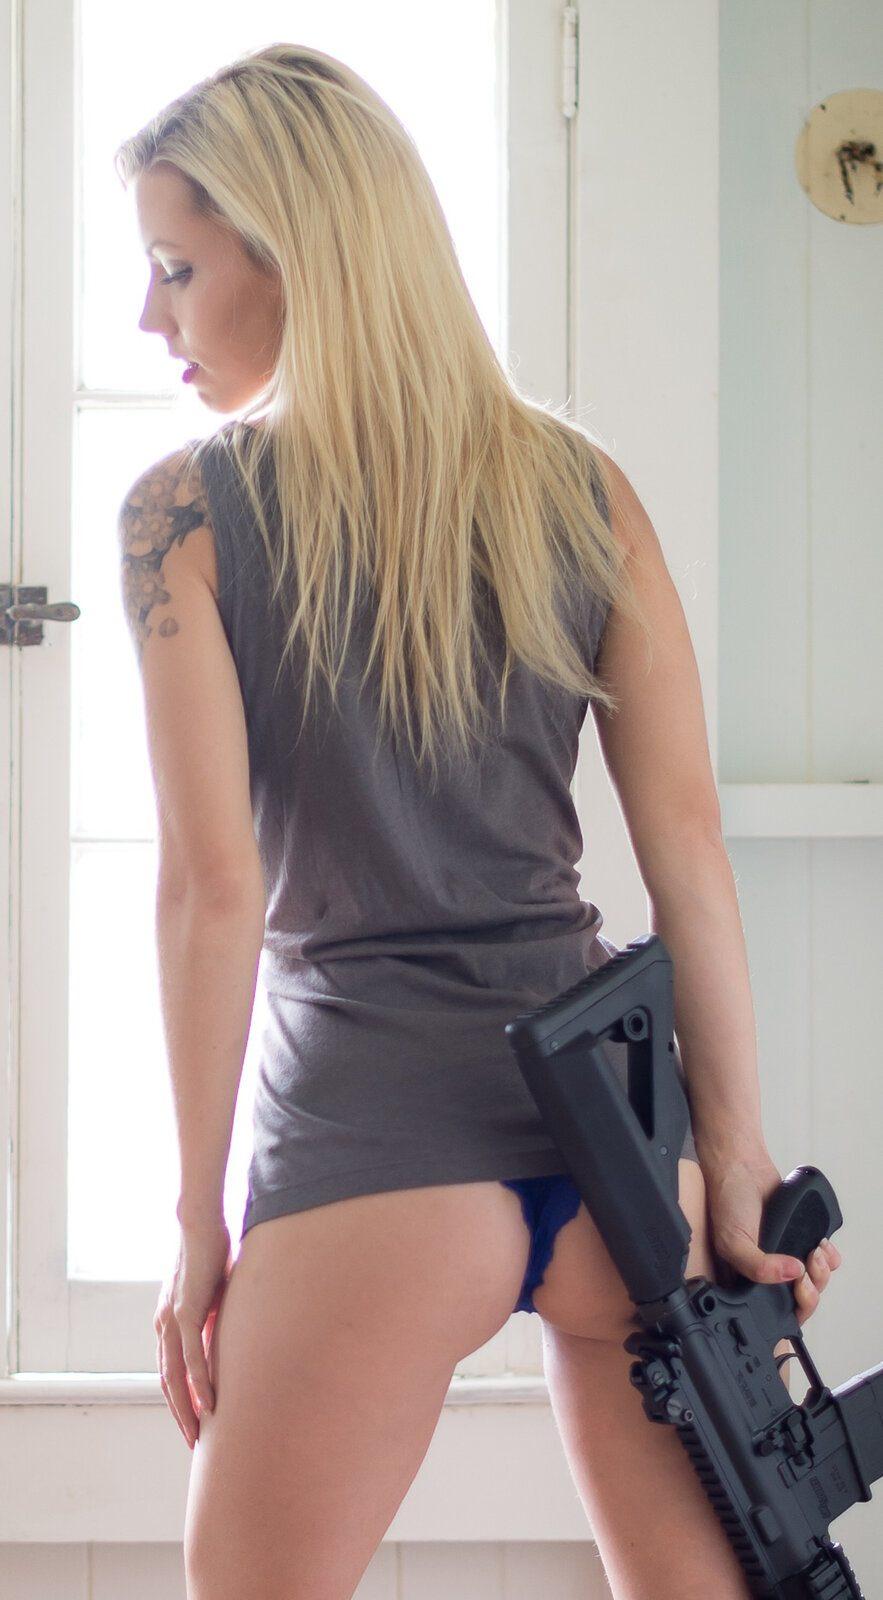 Xo_breanne_xo Nude 57